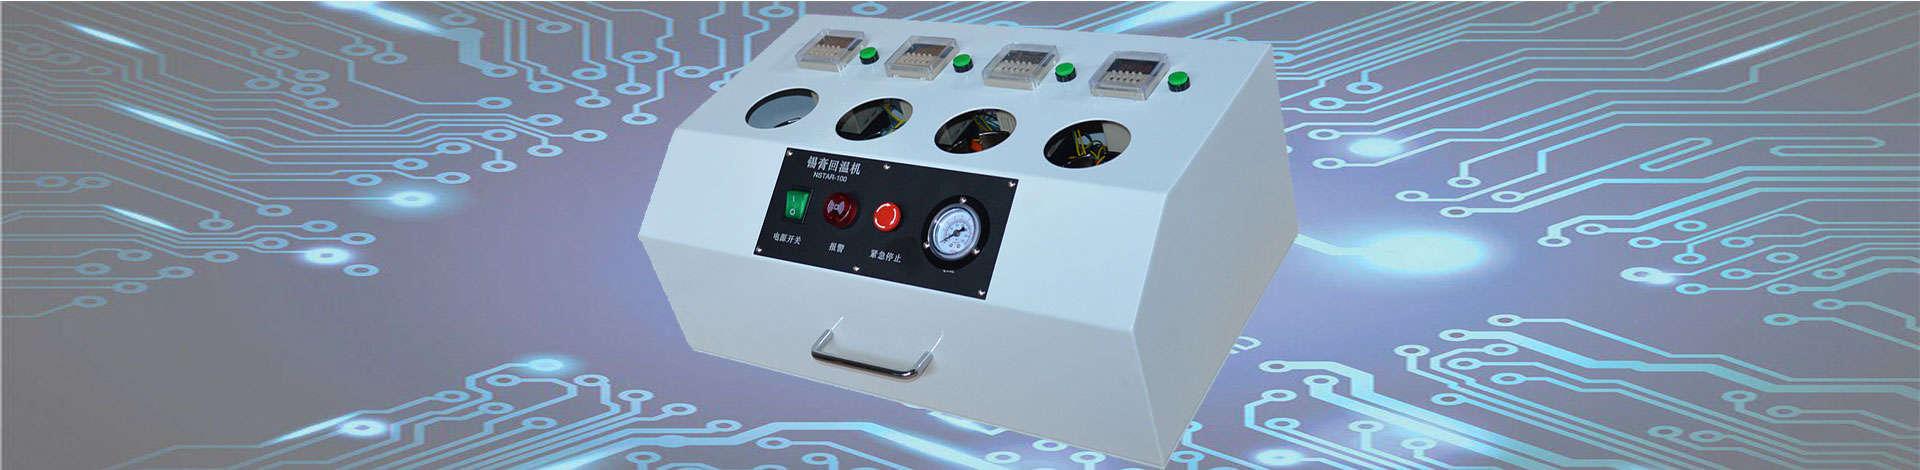 solder-paste-warm-up-machine-manufacturer